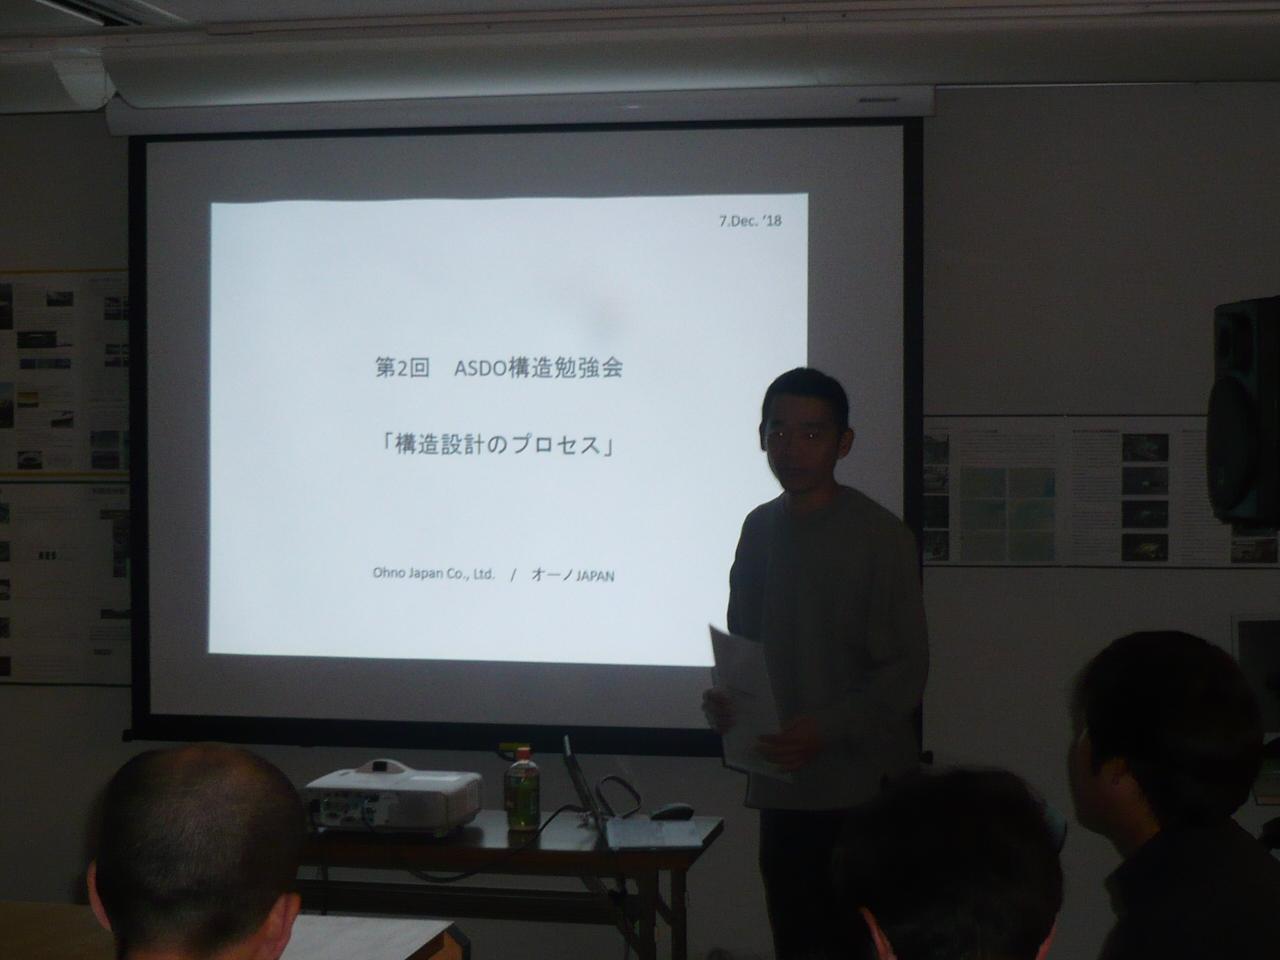 大野氏の講演